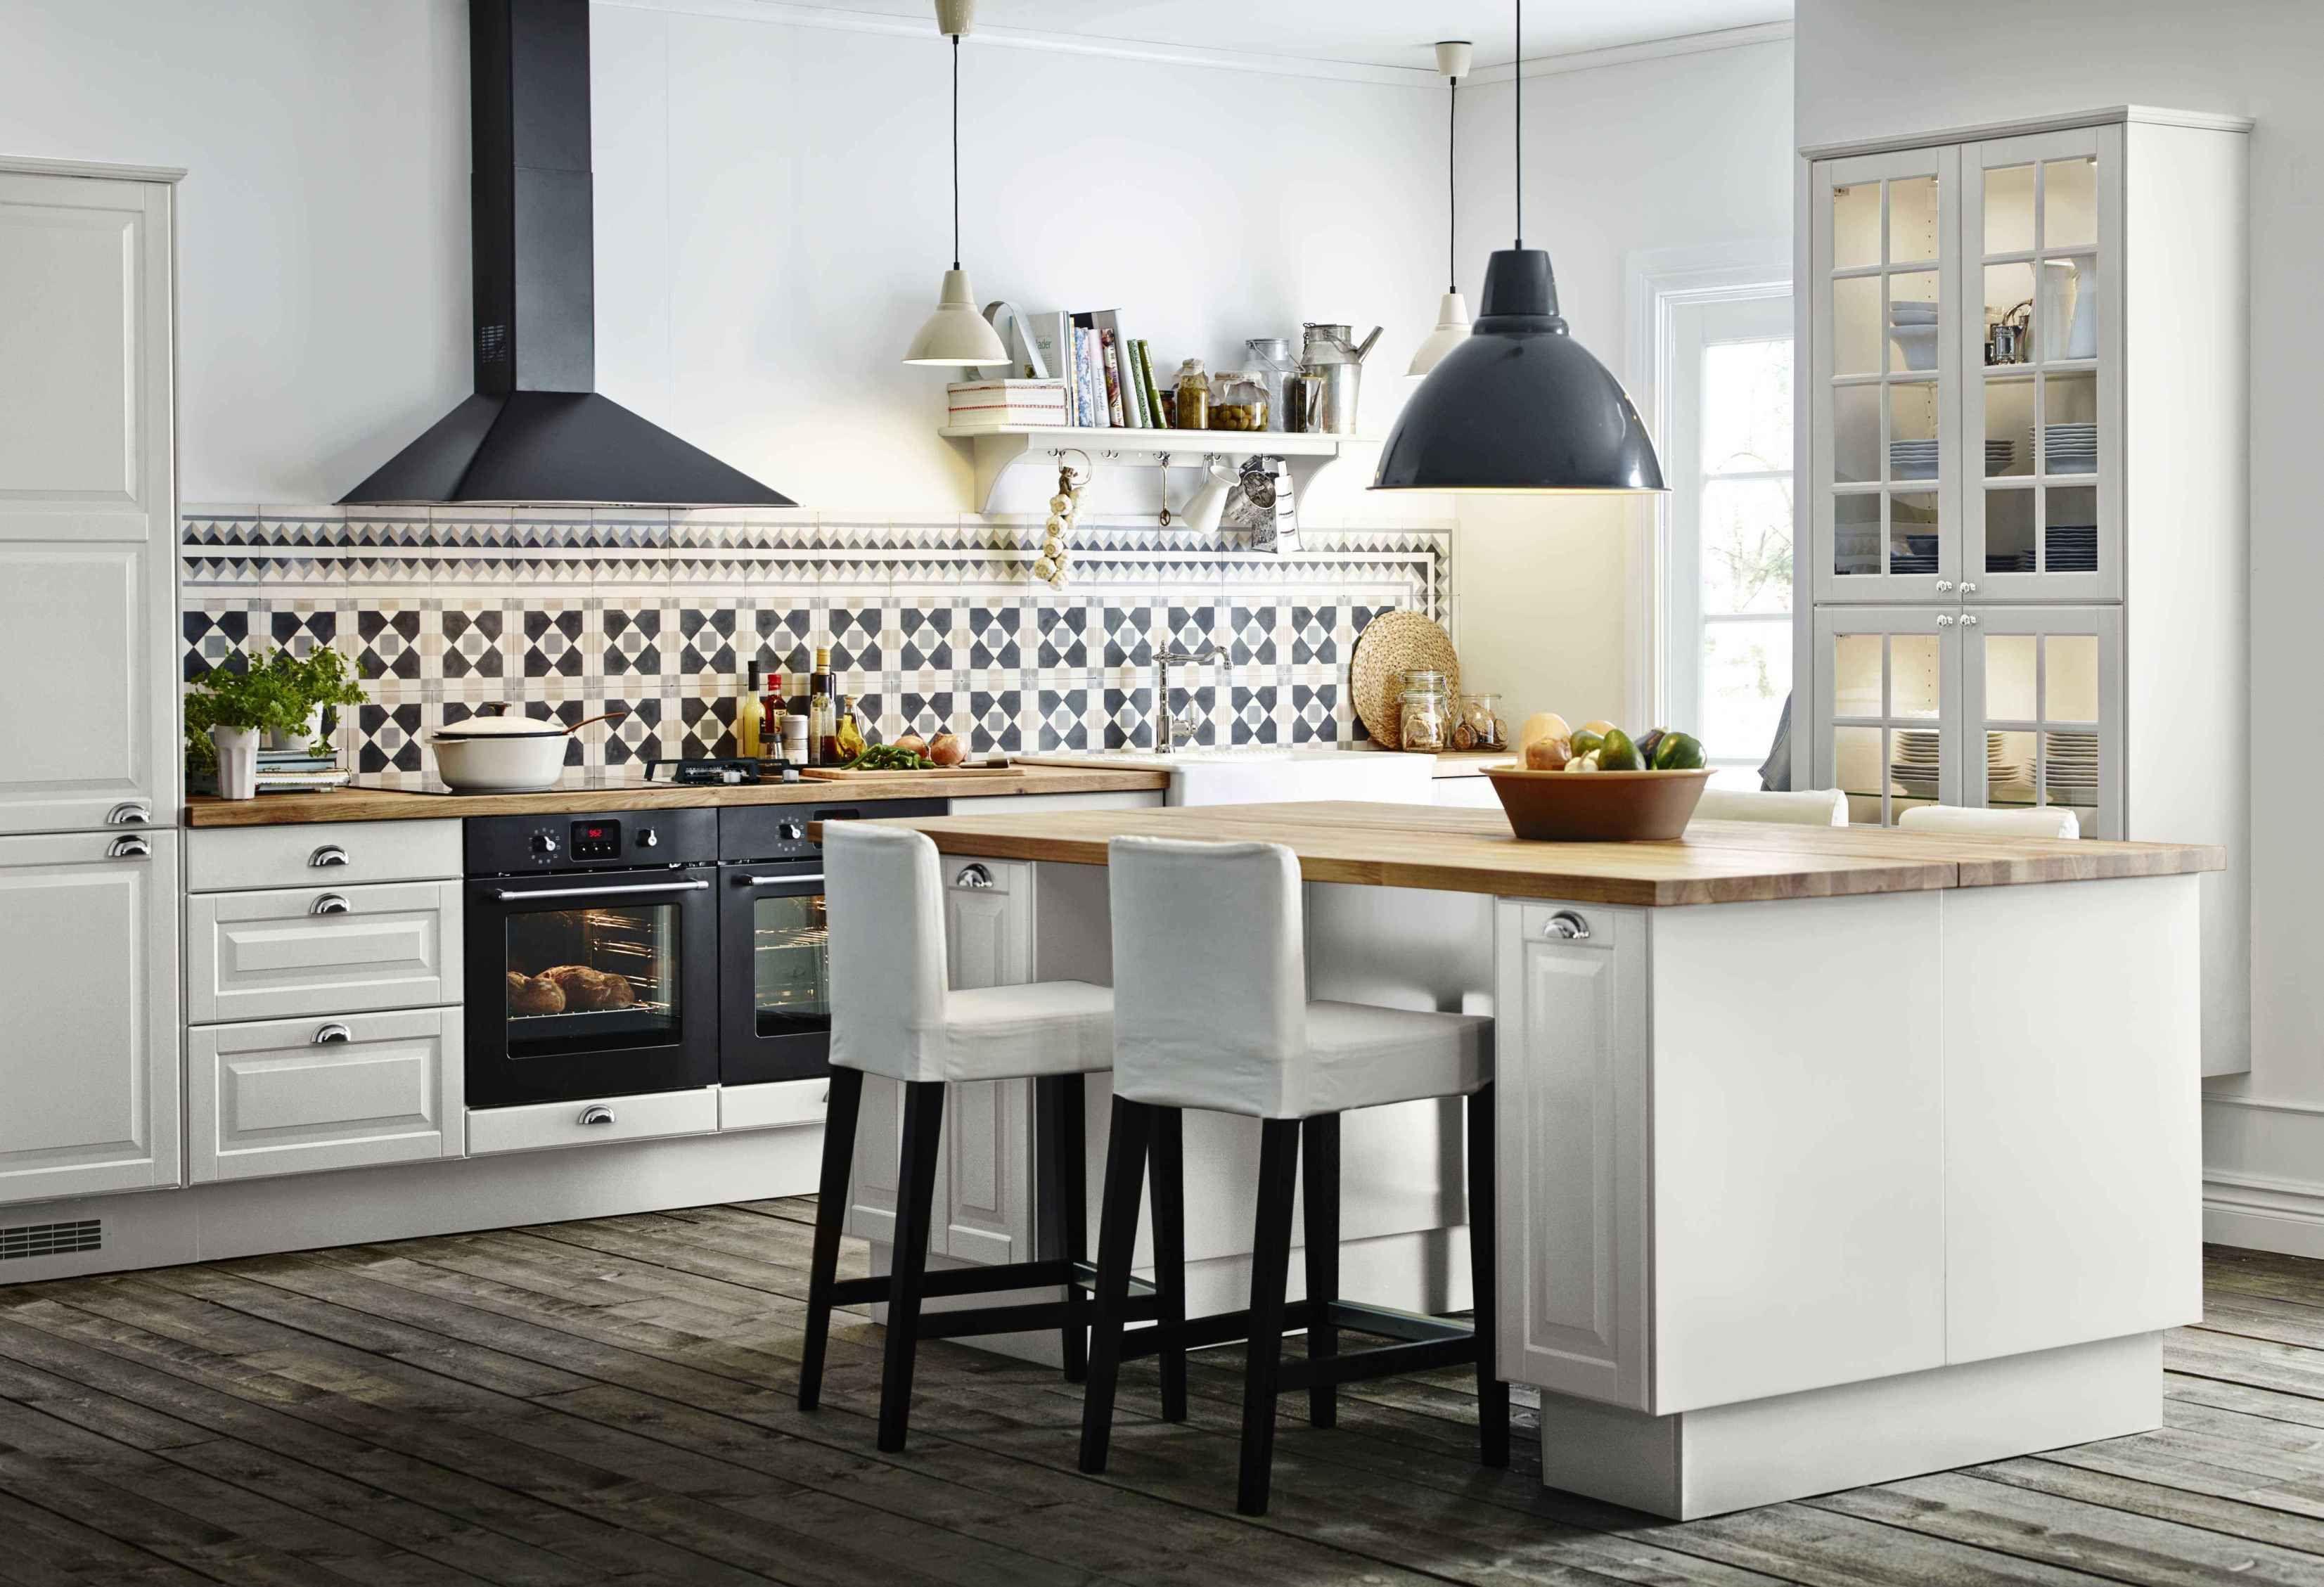 kuchnia z wyspą  Szukaj w Google  Pomysły do domu   -> Kuchnia Z Wyspą Ikea